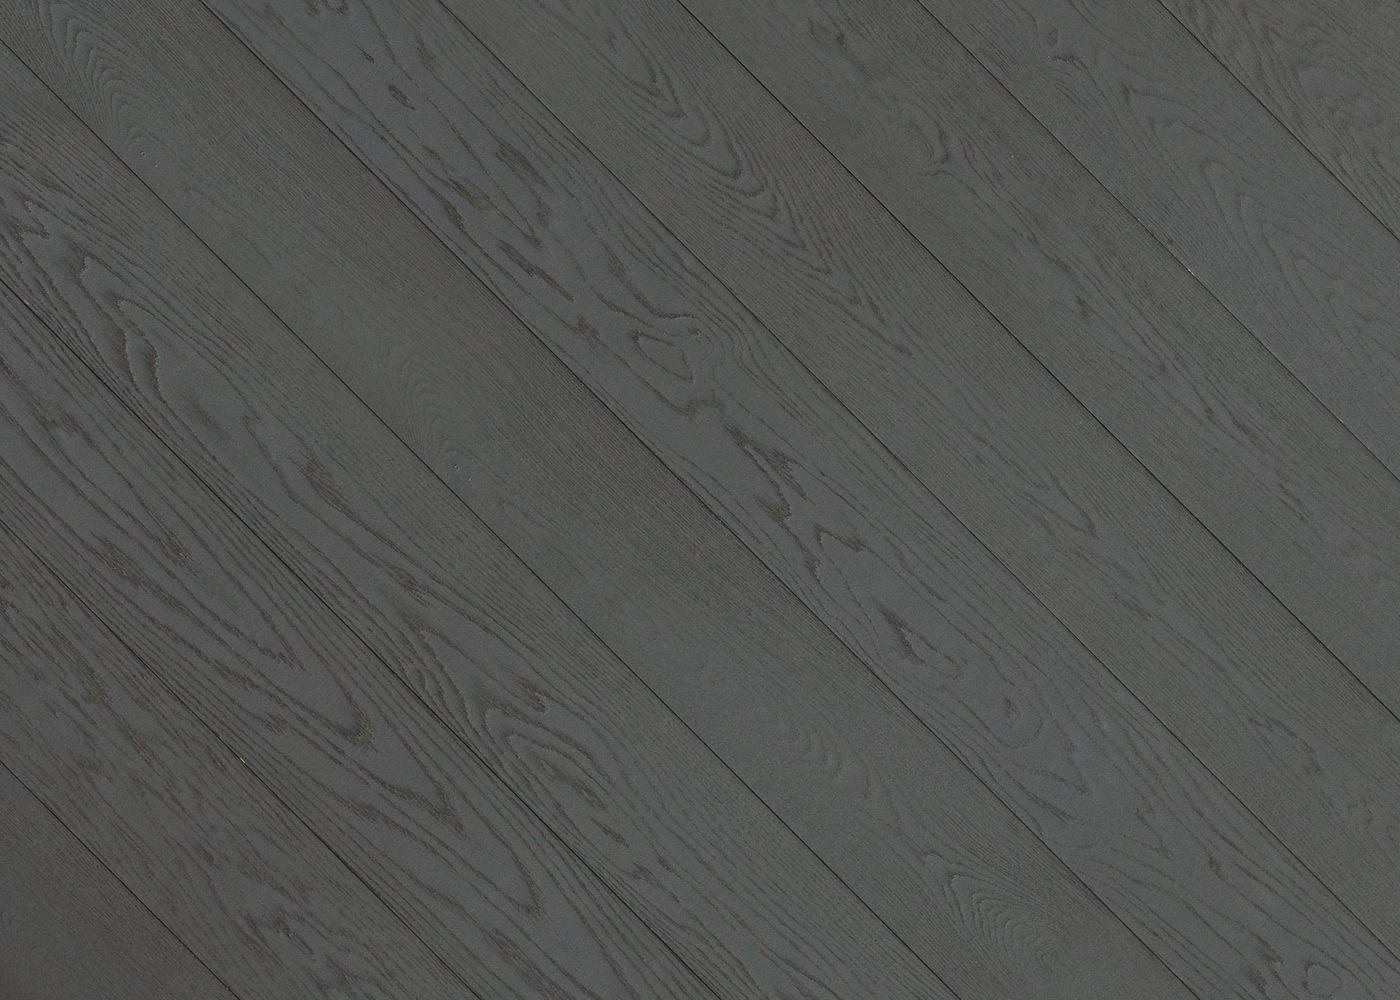 teinte parquet gris fabulous idee chambre peinture. Black Bedroom Furniture Sets. Home Design Ideas